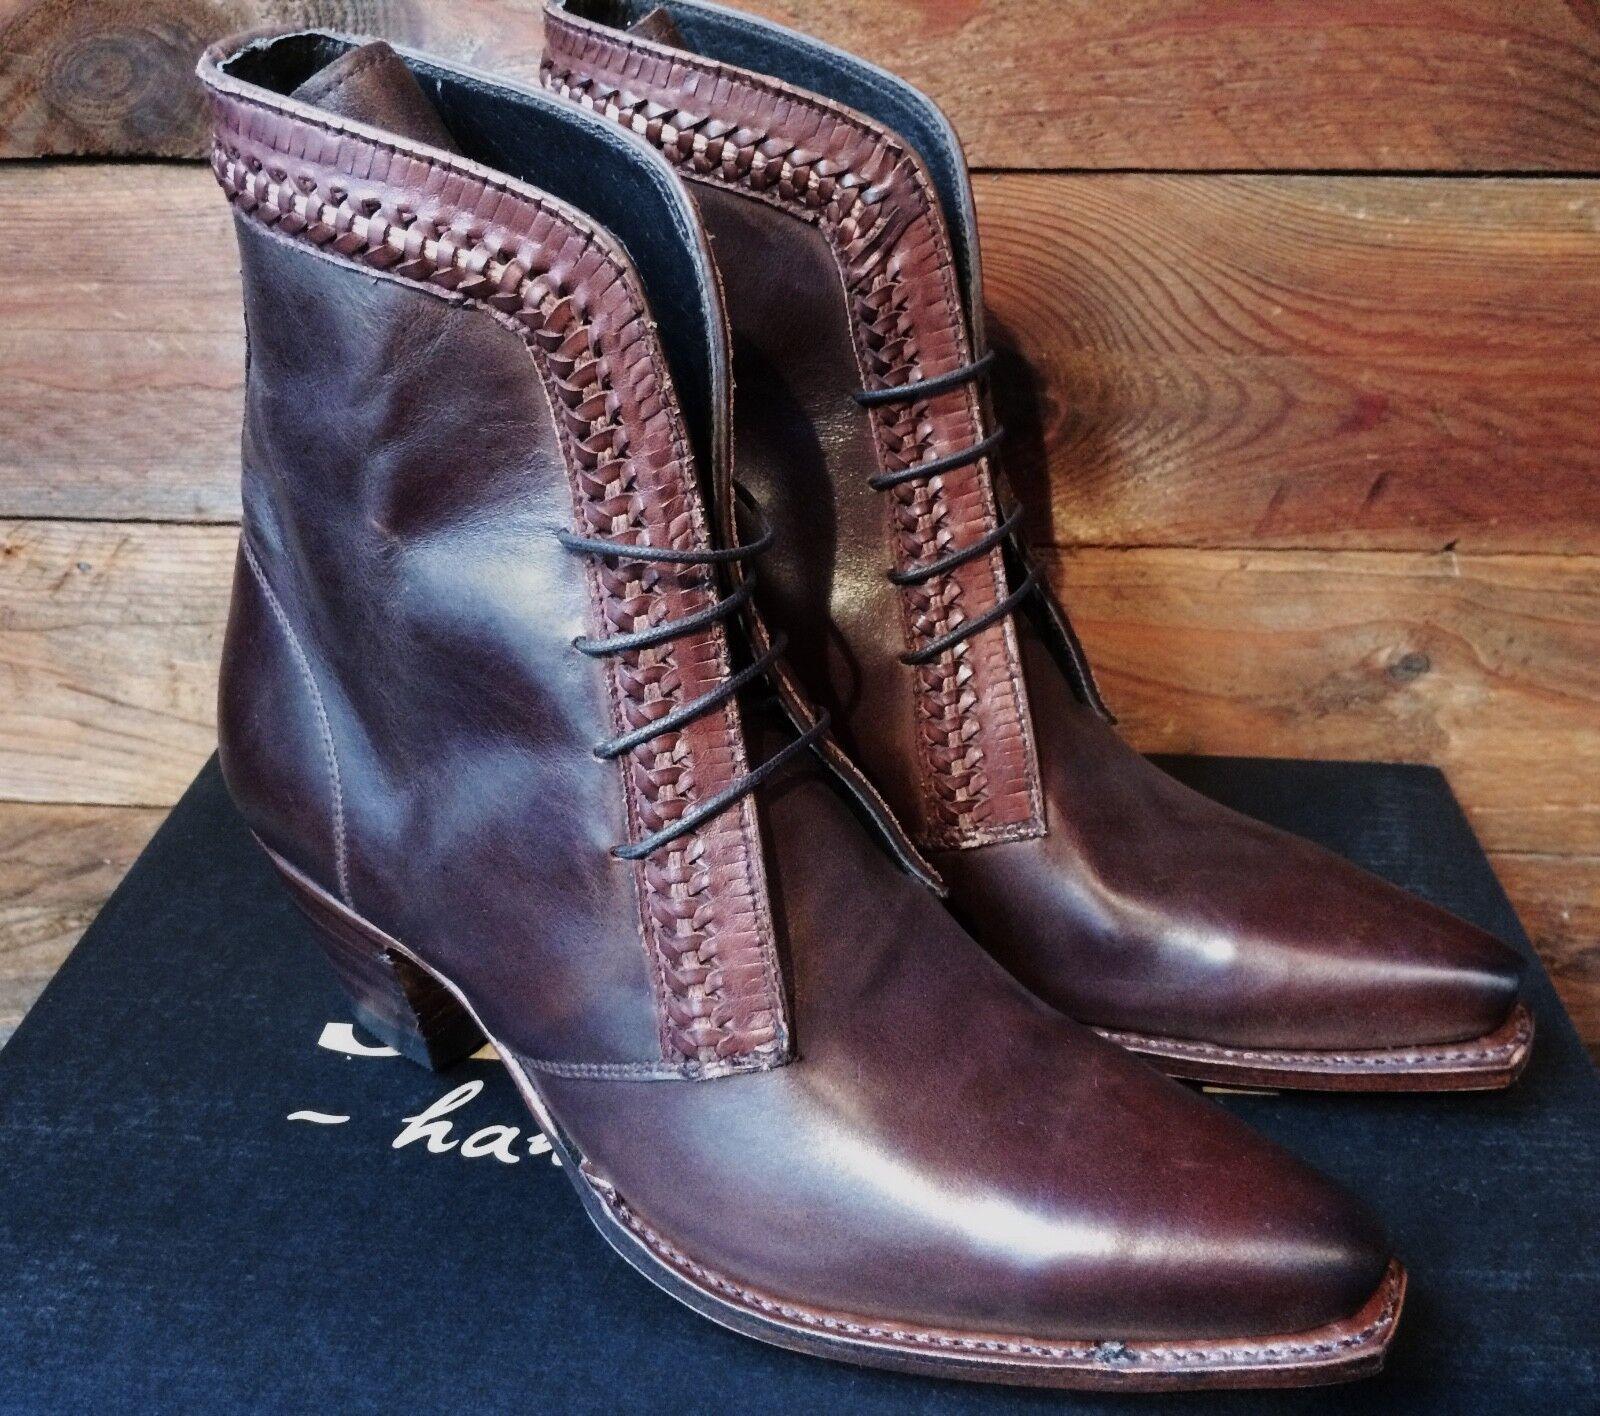 prezzo ragionevole 15499 scarpe country western JUDY Marrone patine    promo à saisir   prezzo all'ingrosso